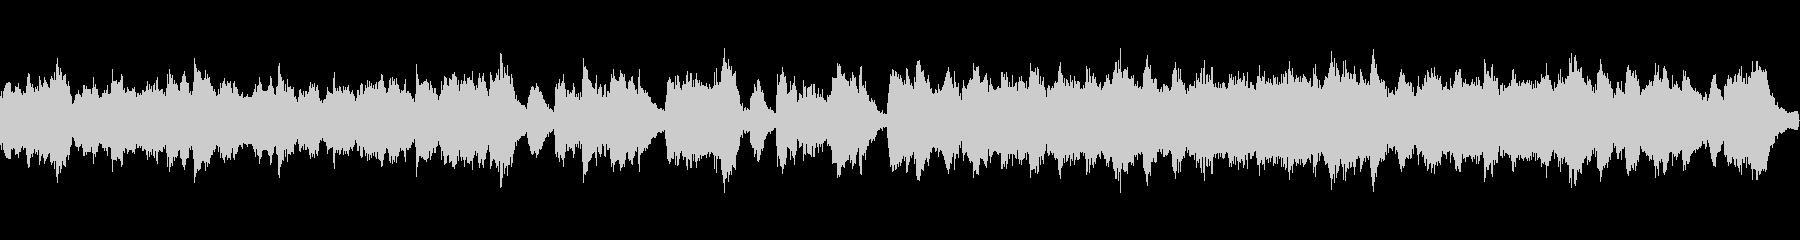 マリンバと木管のかわいらしい曲:ループ可の未再生の波形